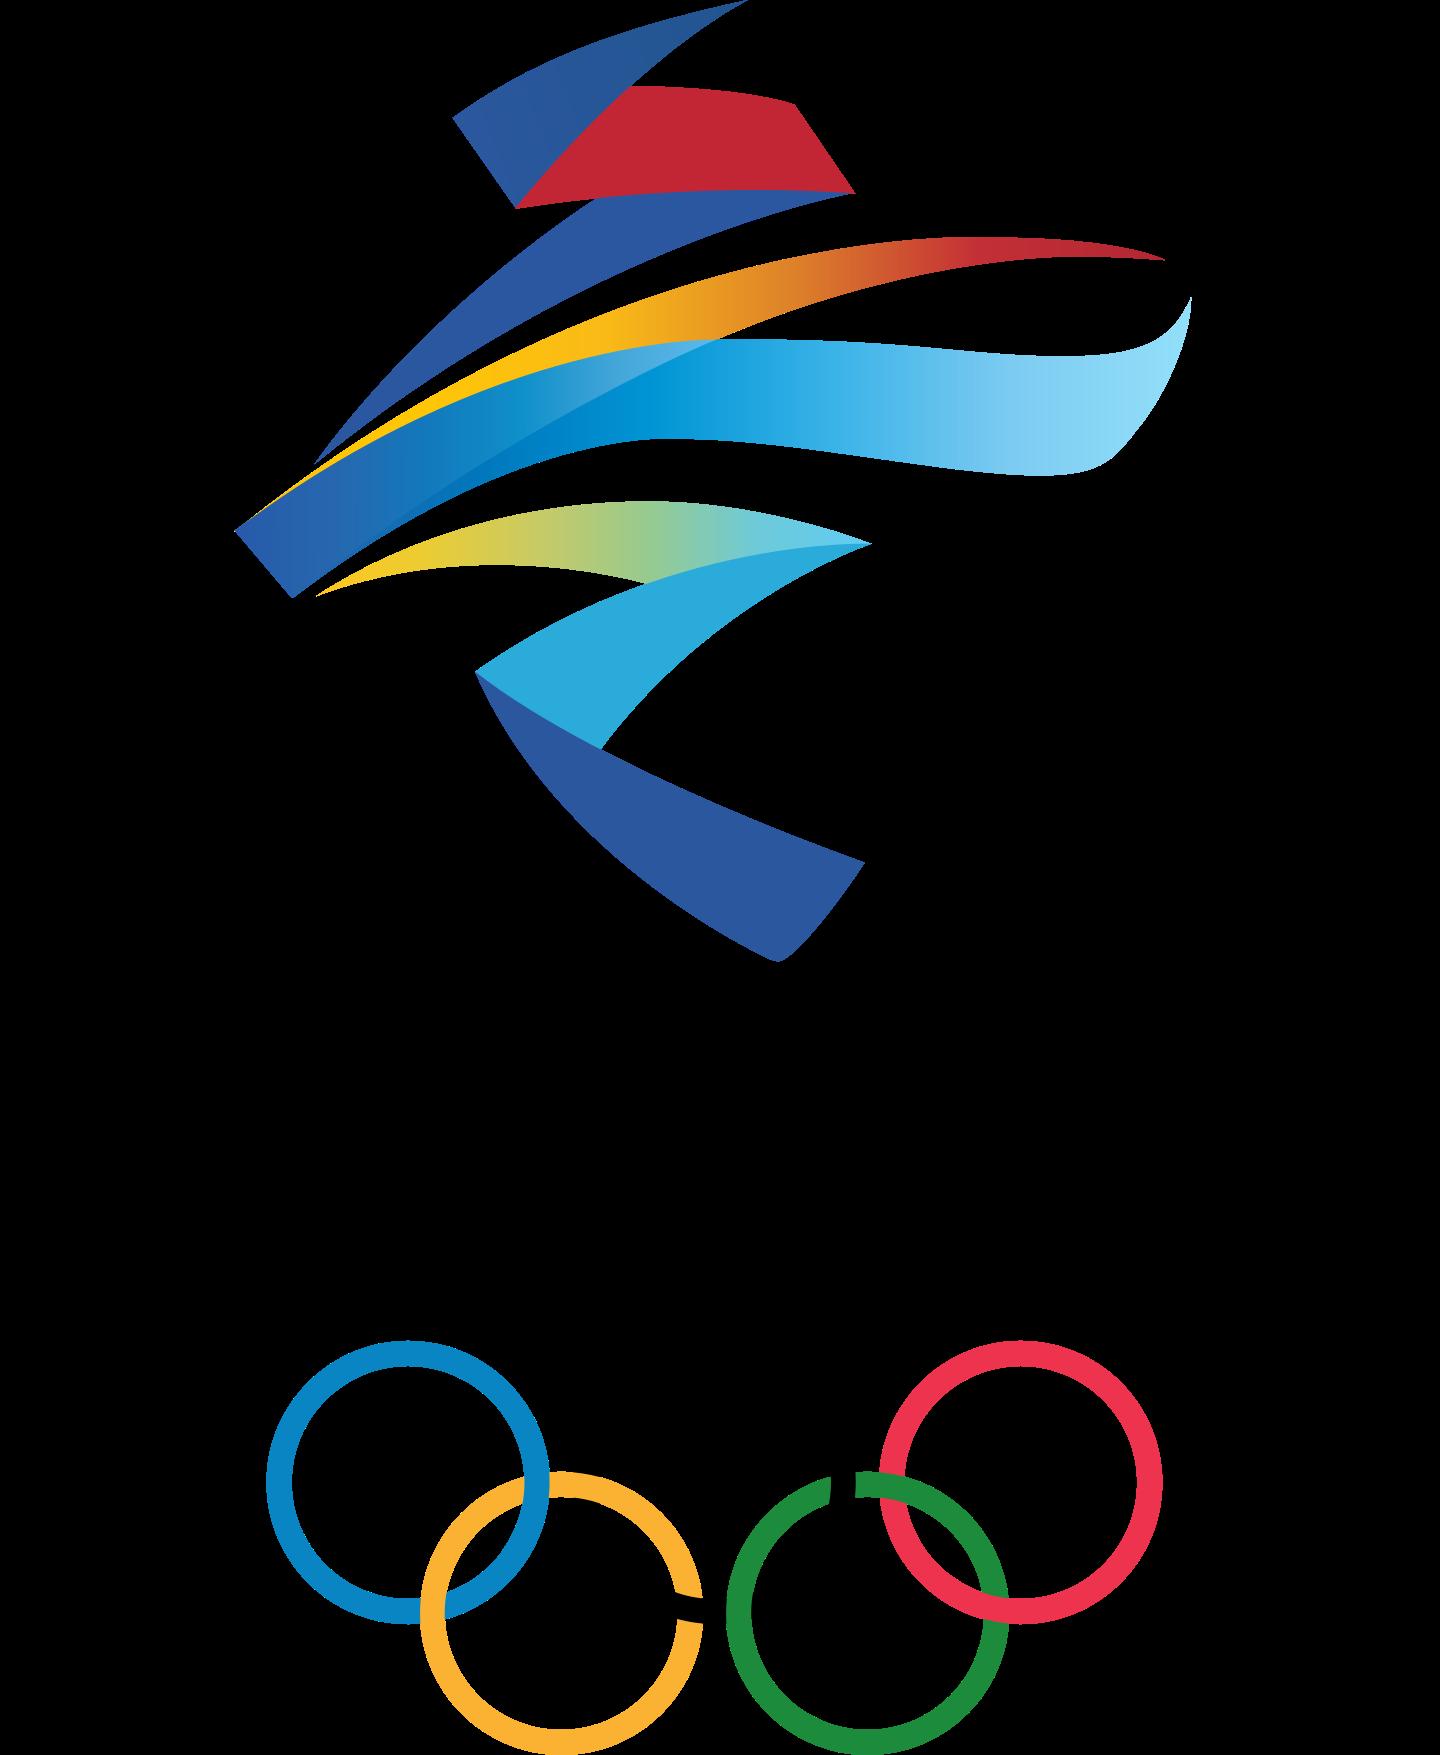 beijing 2022 logo 2 - Pekín 2022 Logo